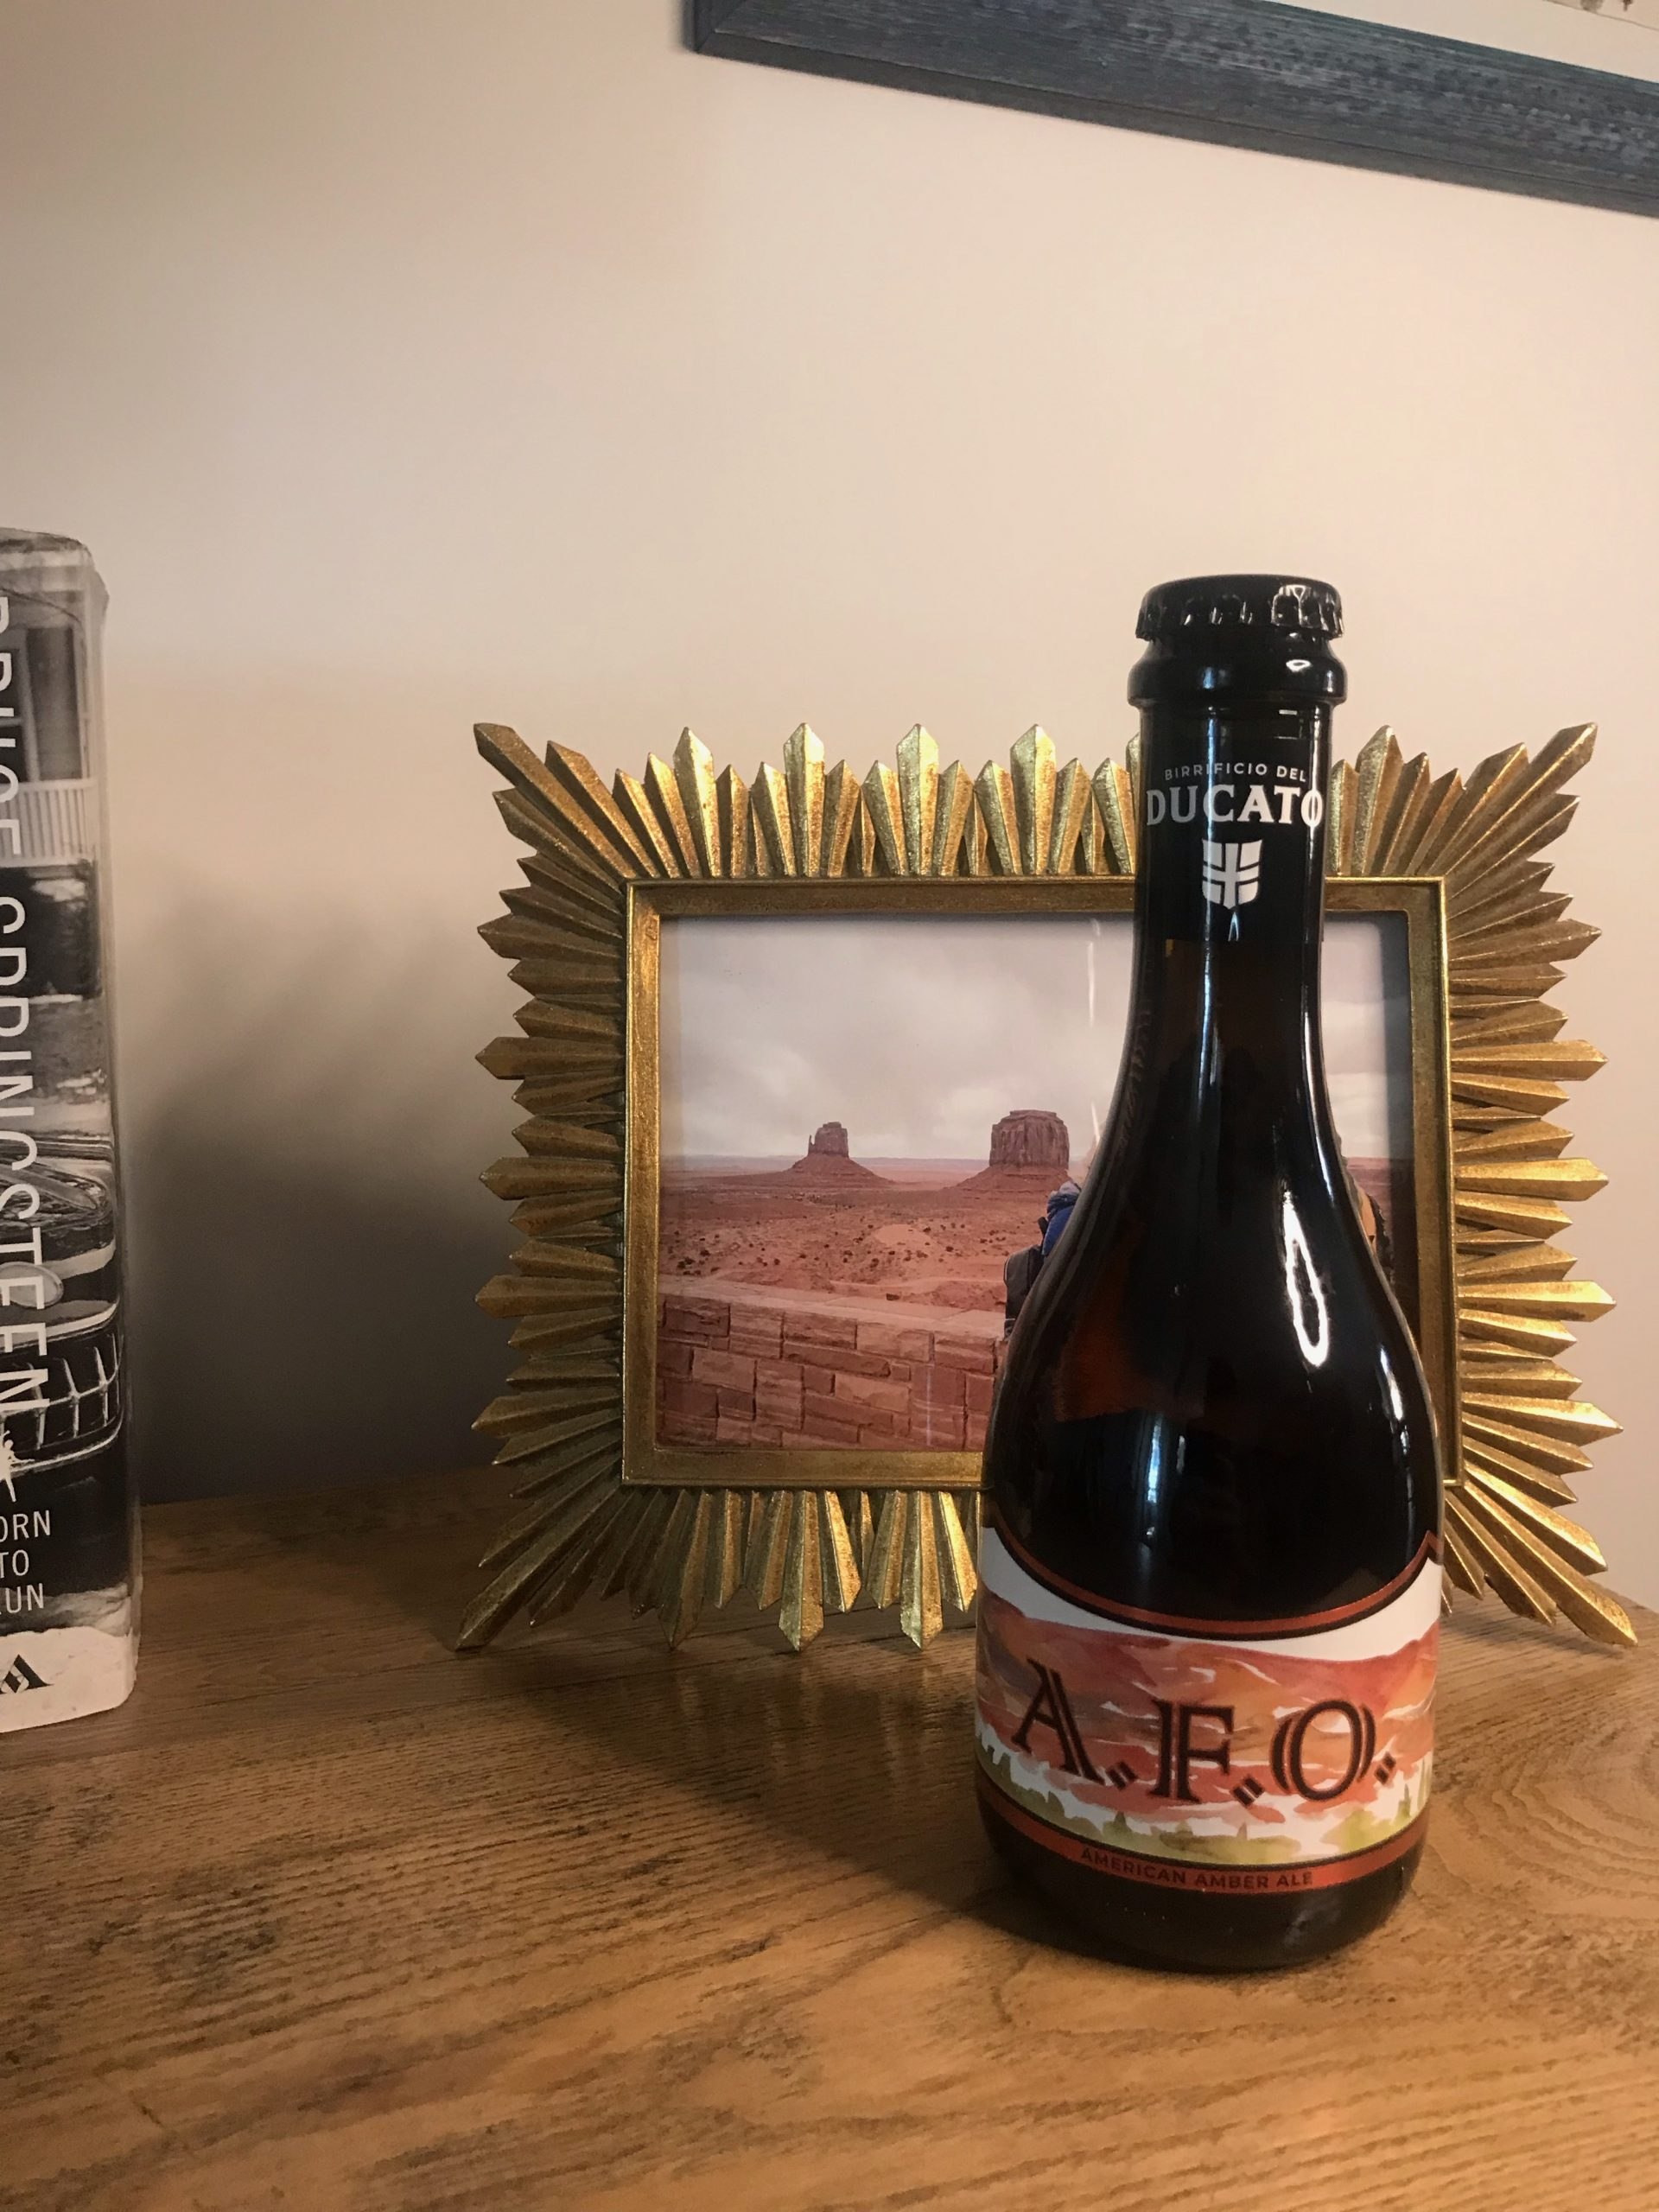 birra afo birrificio del ducato